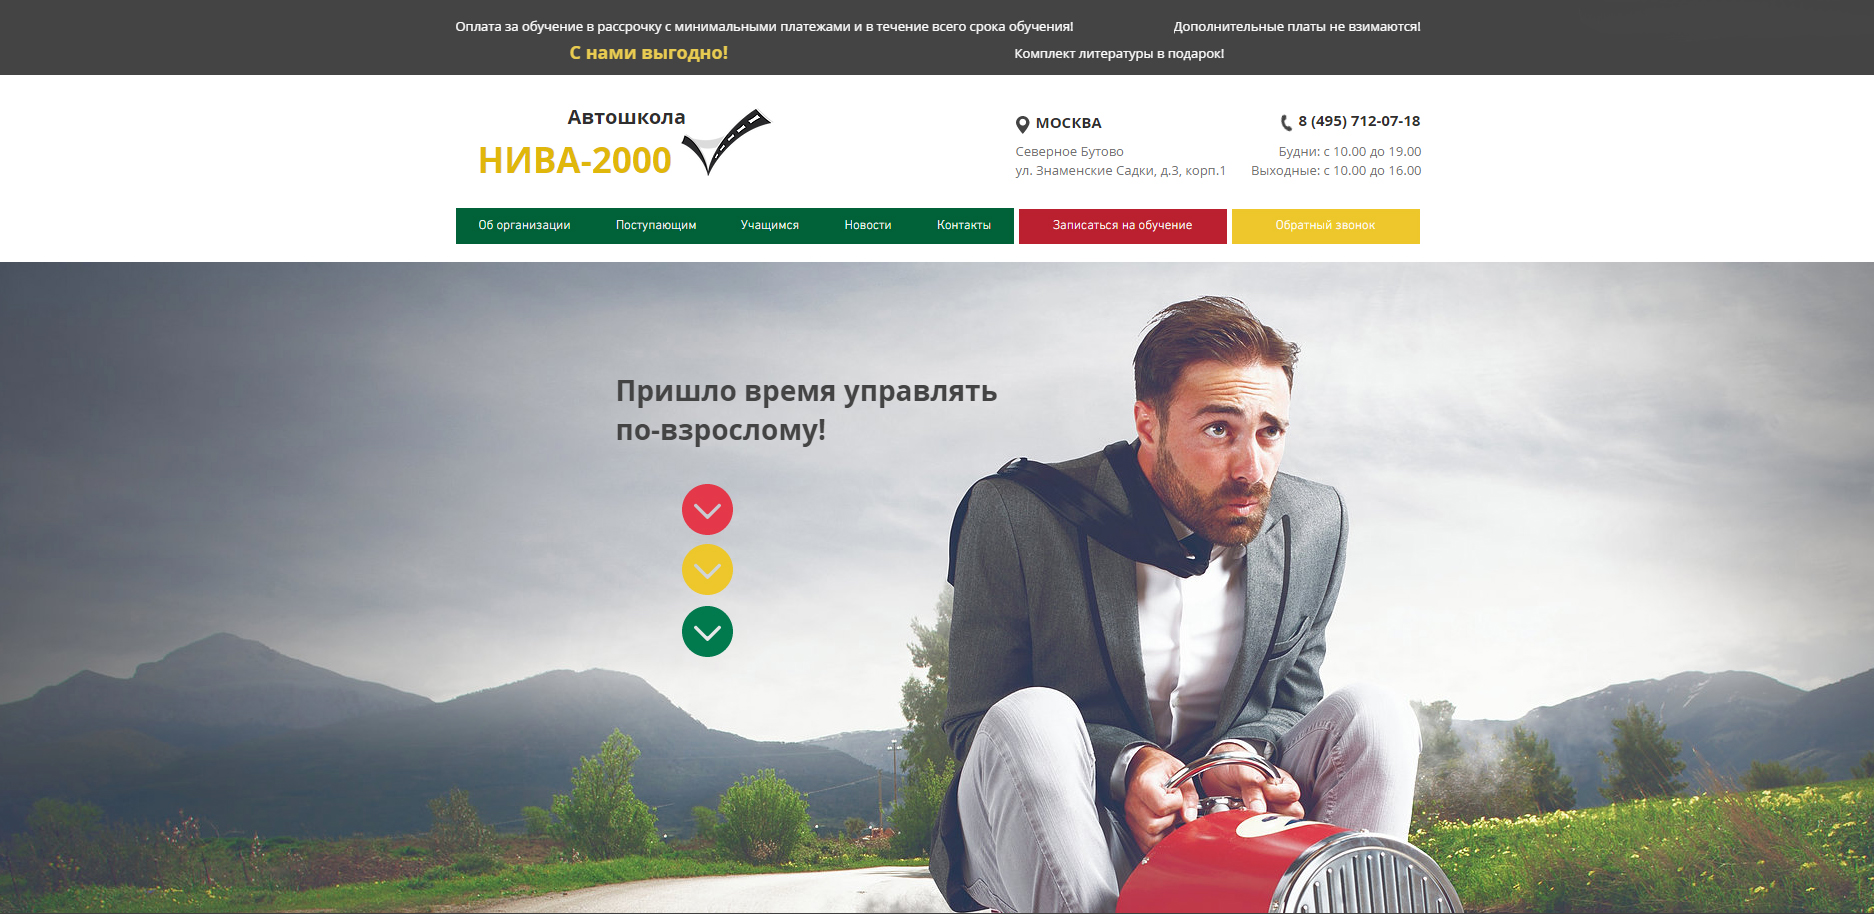 Сайт Автошколы